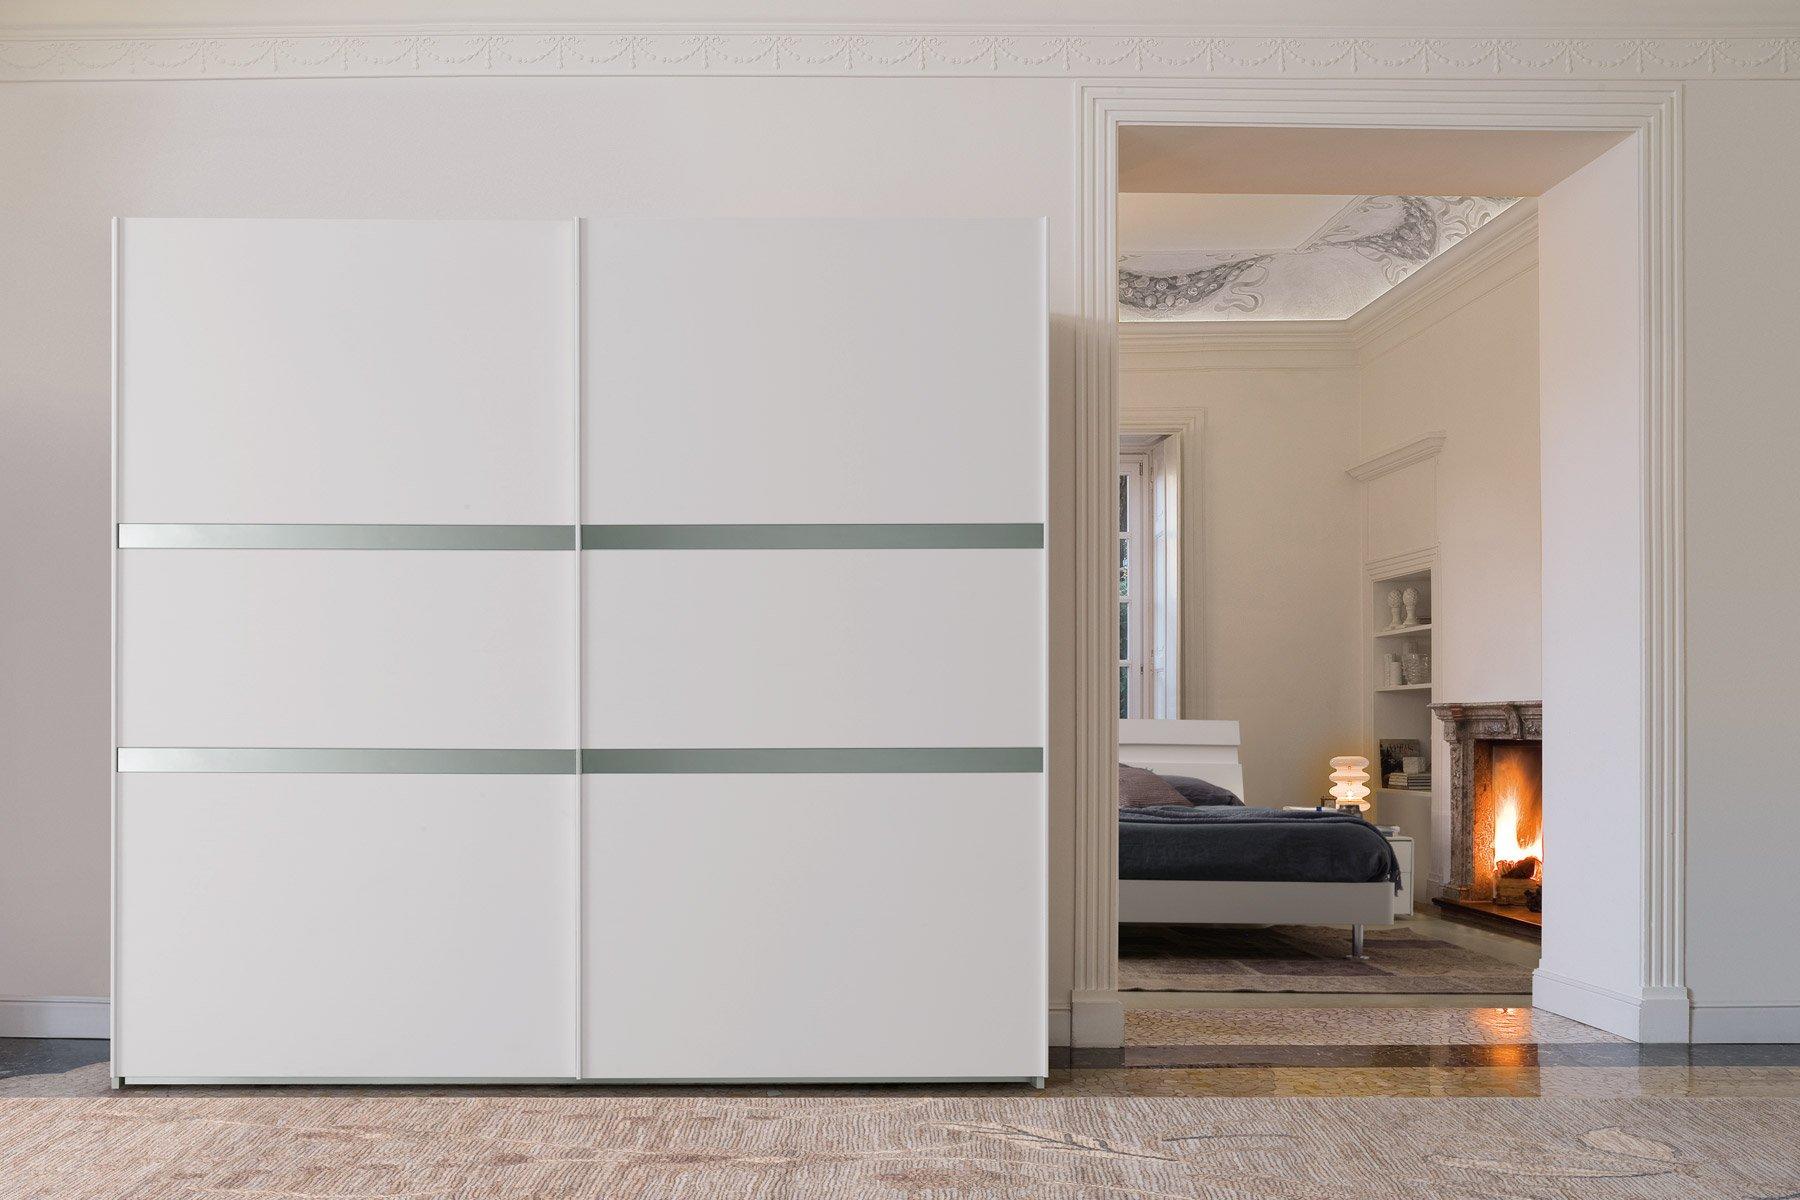 Camera da letto con armadio scorrevole Modello Monzina ...